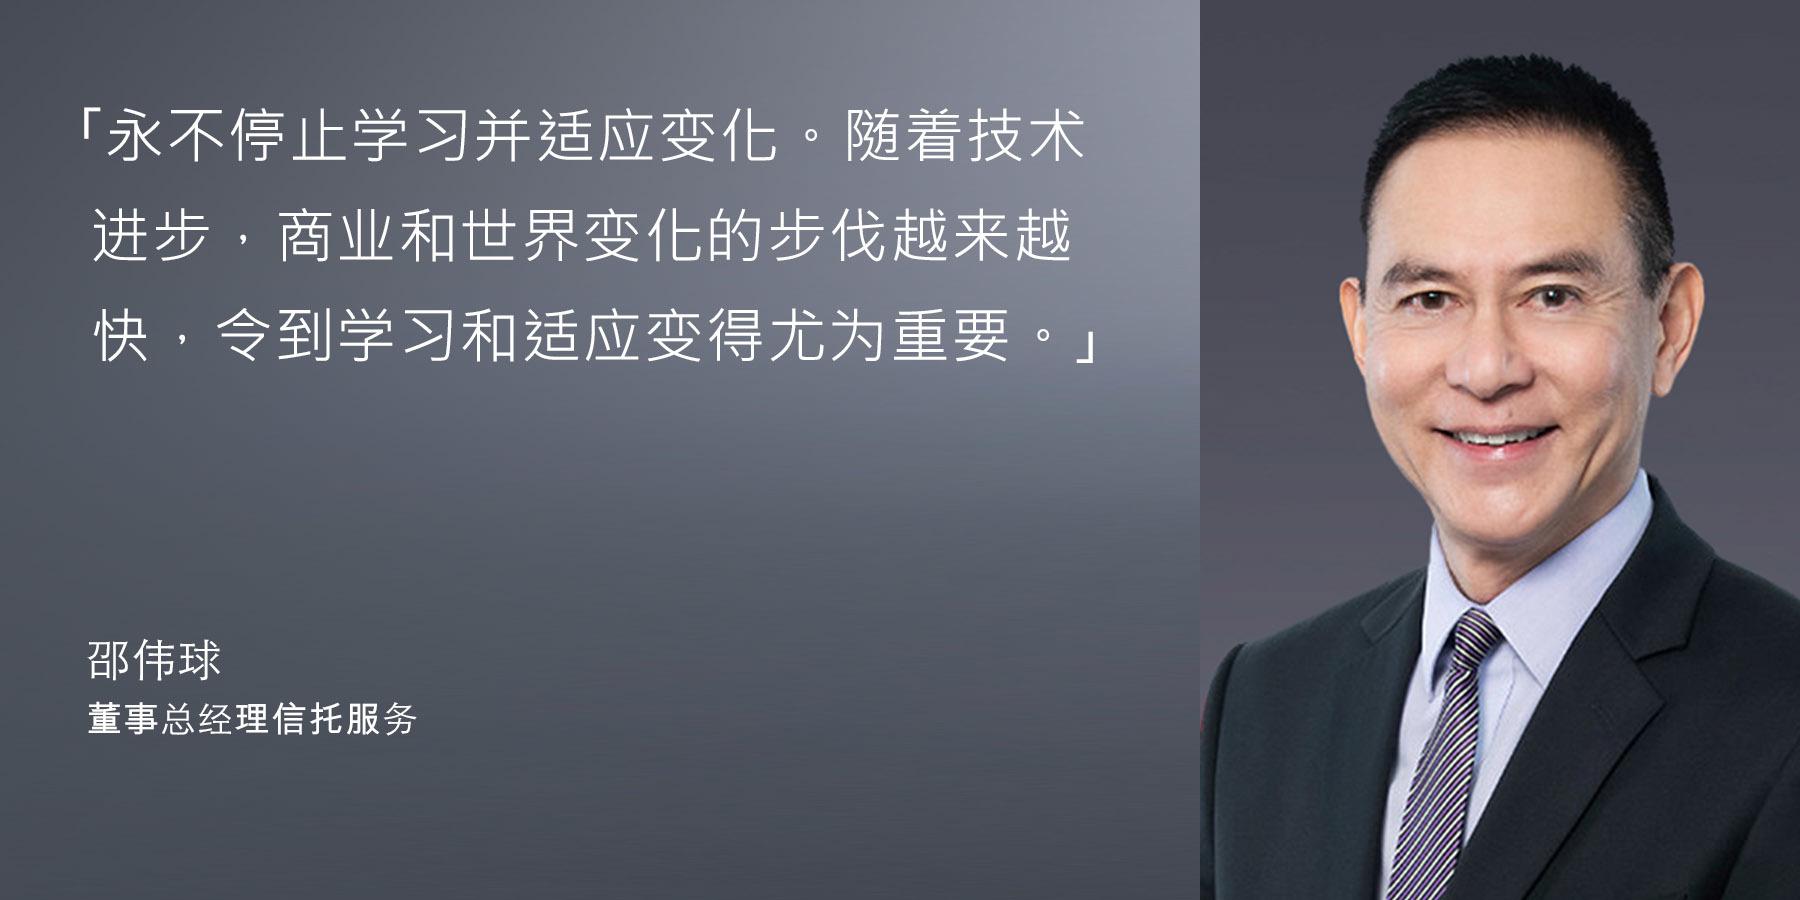 邵伟球 - 董事总经理信托服务